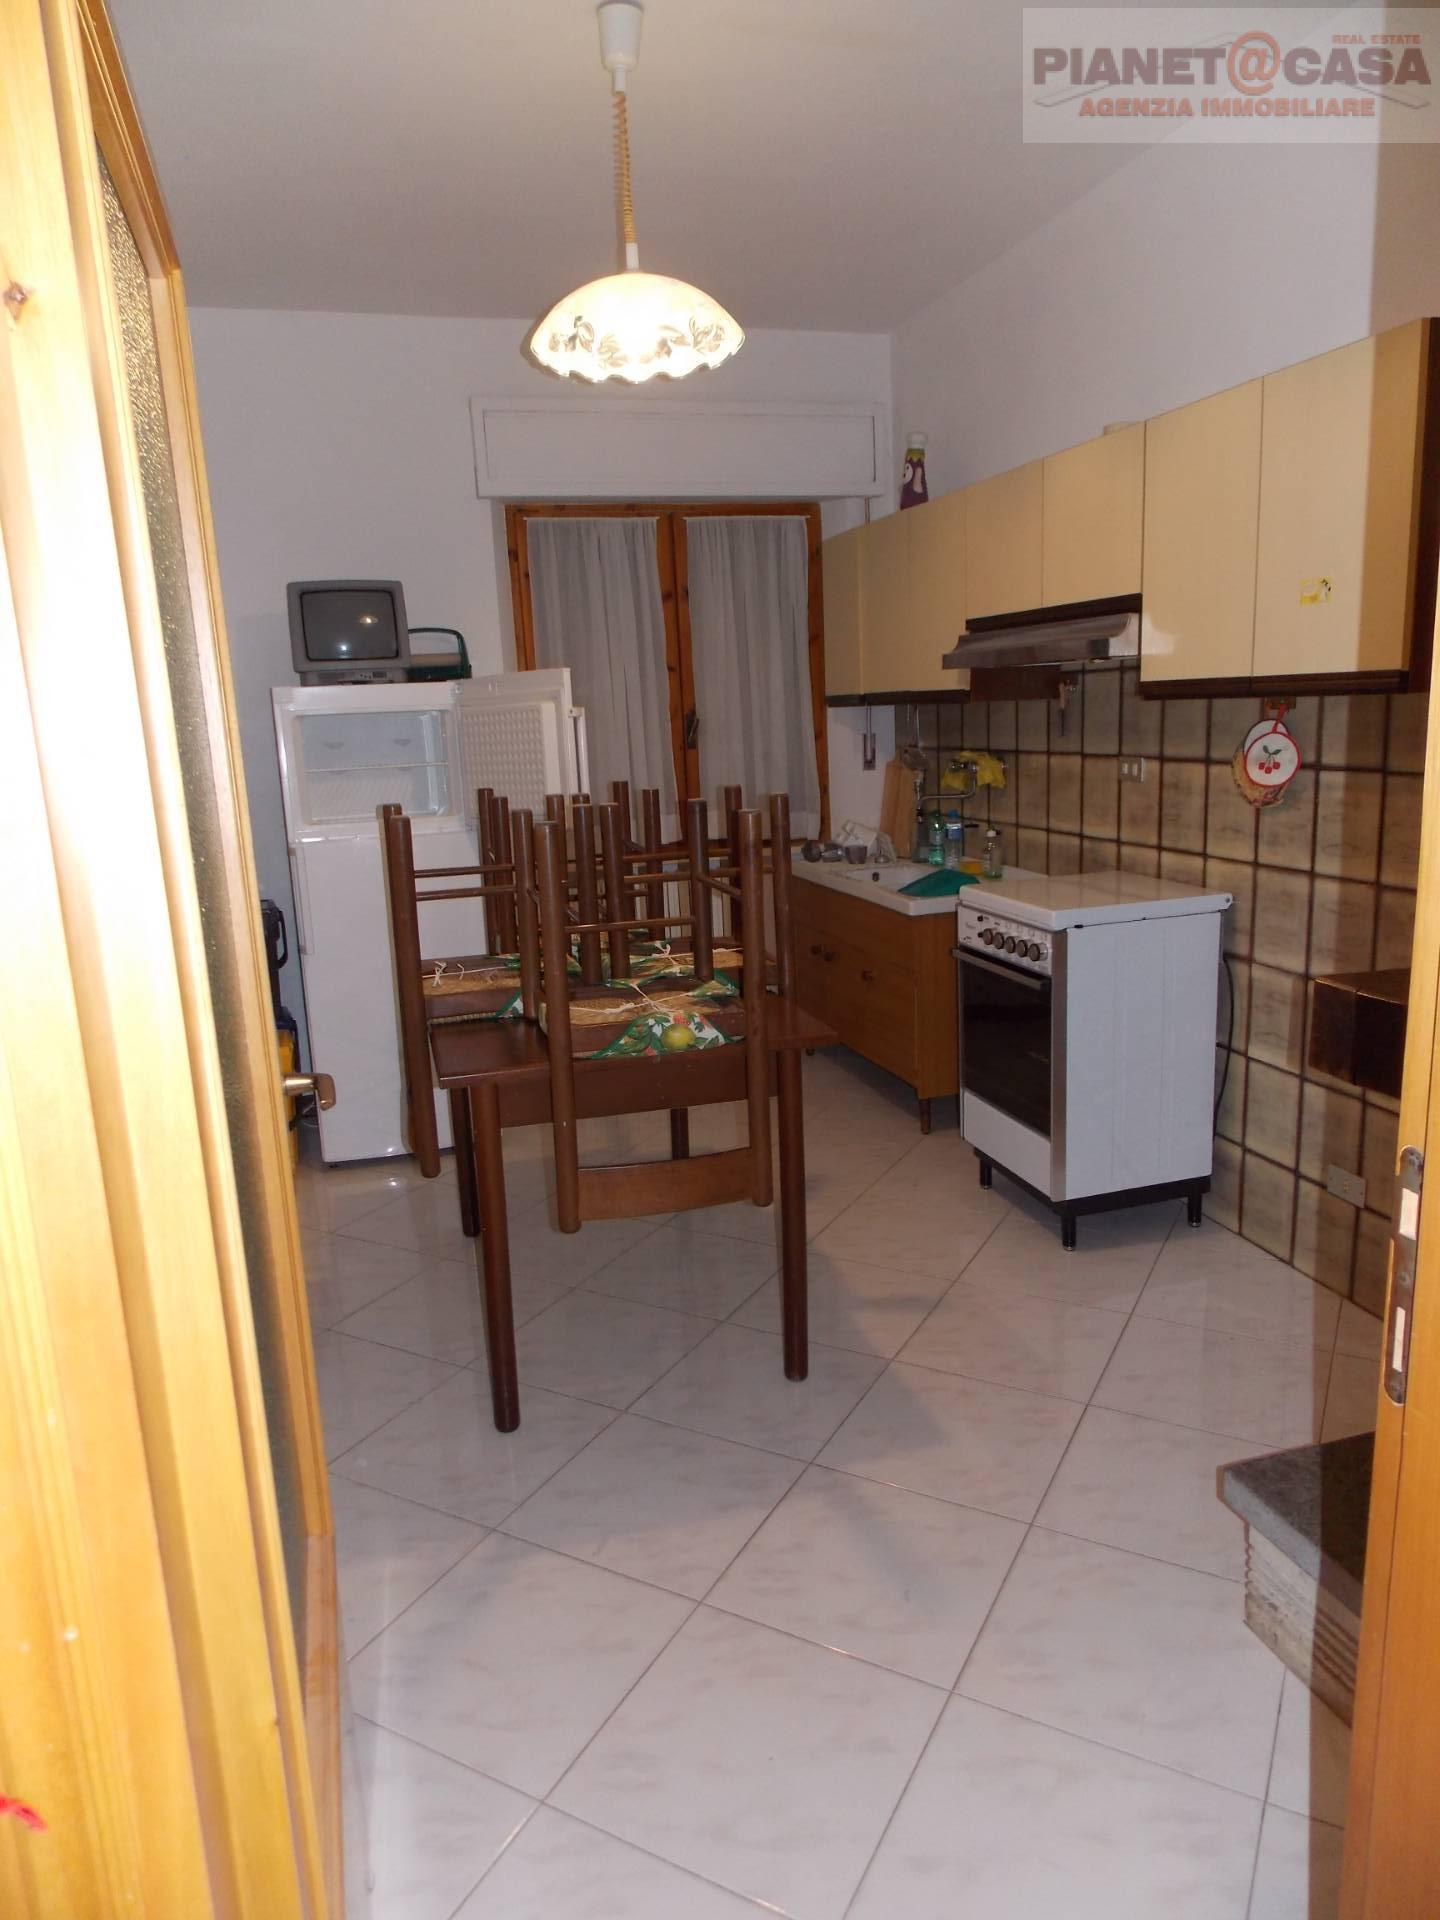 Appartamento in vendita a Castorano, 3 locali, prezzo € 70.000 | CambioCasa.it